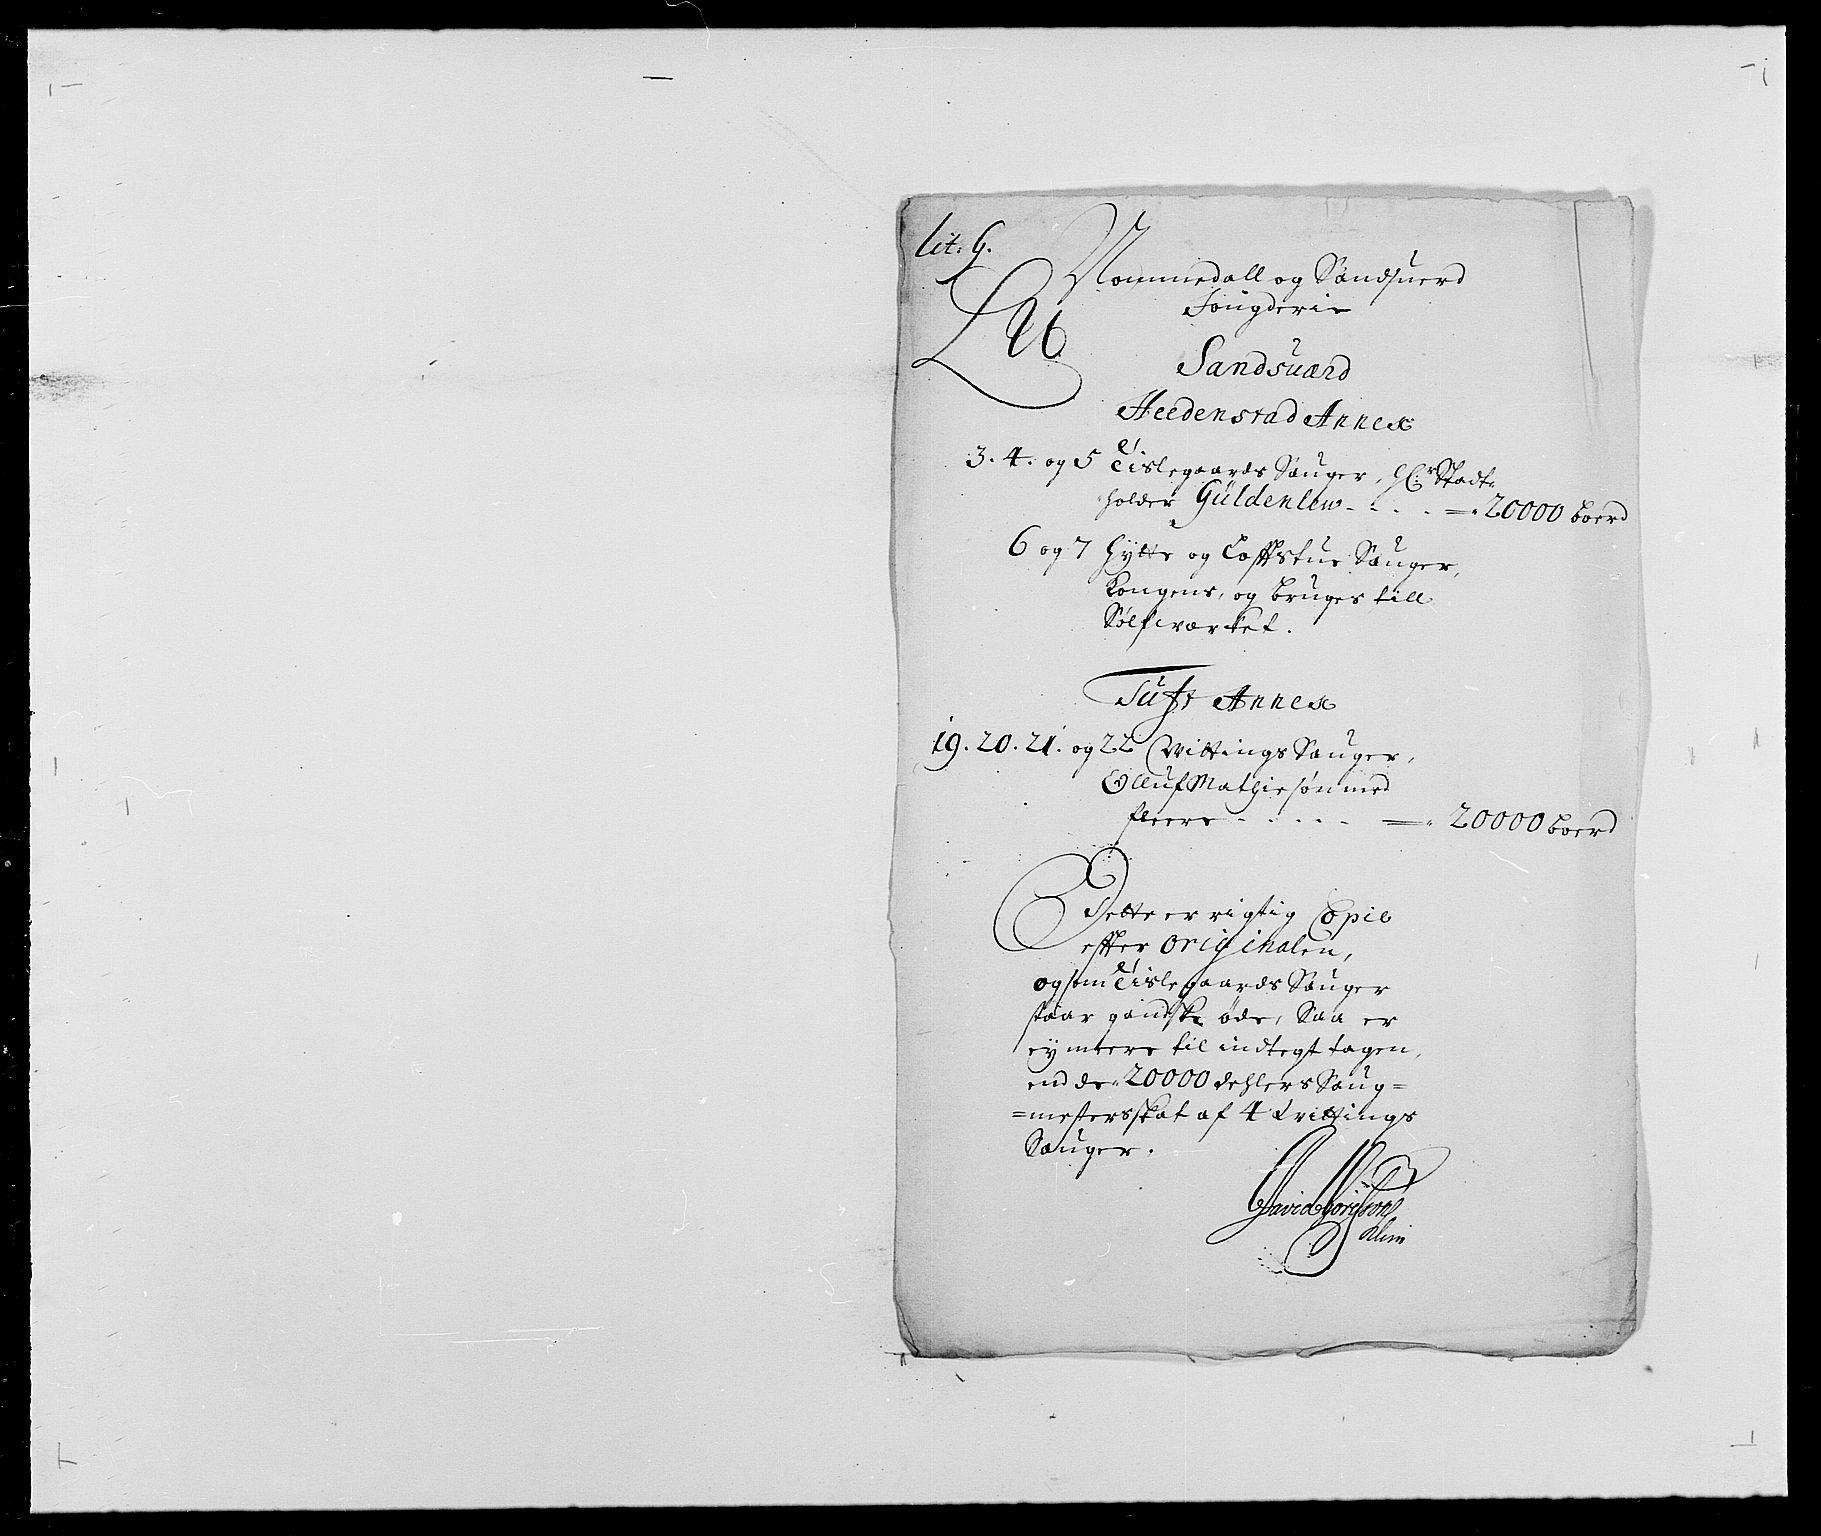 RA, Rentekammeret inntil 1814, Reviderte regnskaper, Fogderegnskap, R24/L1573: Fogderegnskap Numedal og Sandsvær, 1687-1691, s. 398